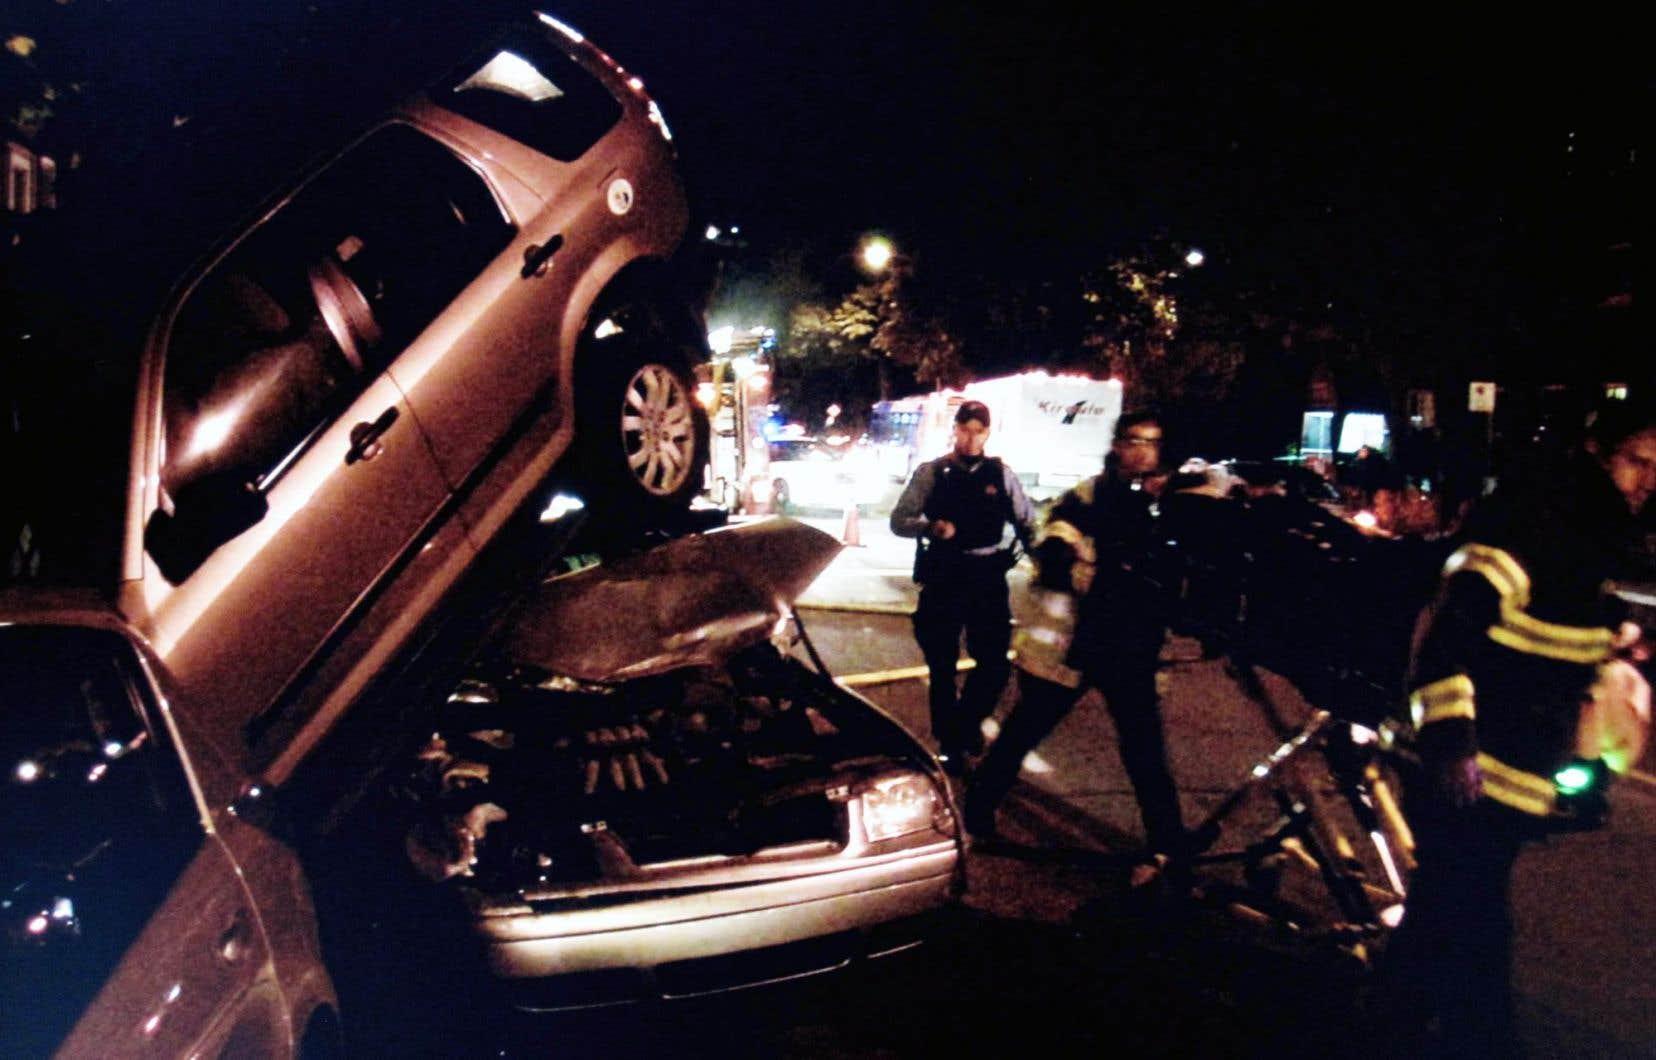 Le film<em>Arme à quatre roues</em>ne suit pas le modèle du documentaire traditionnel, exposant davantage le point de vue des militantspour un durcissement des mesures contre les «criminels» de la route.